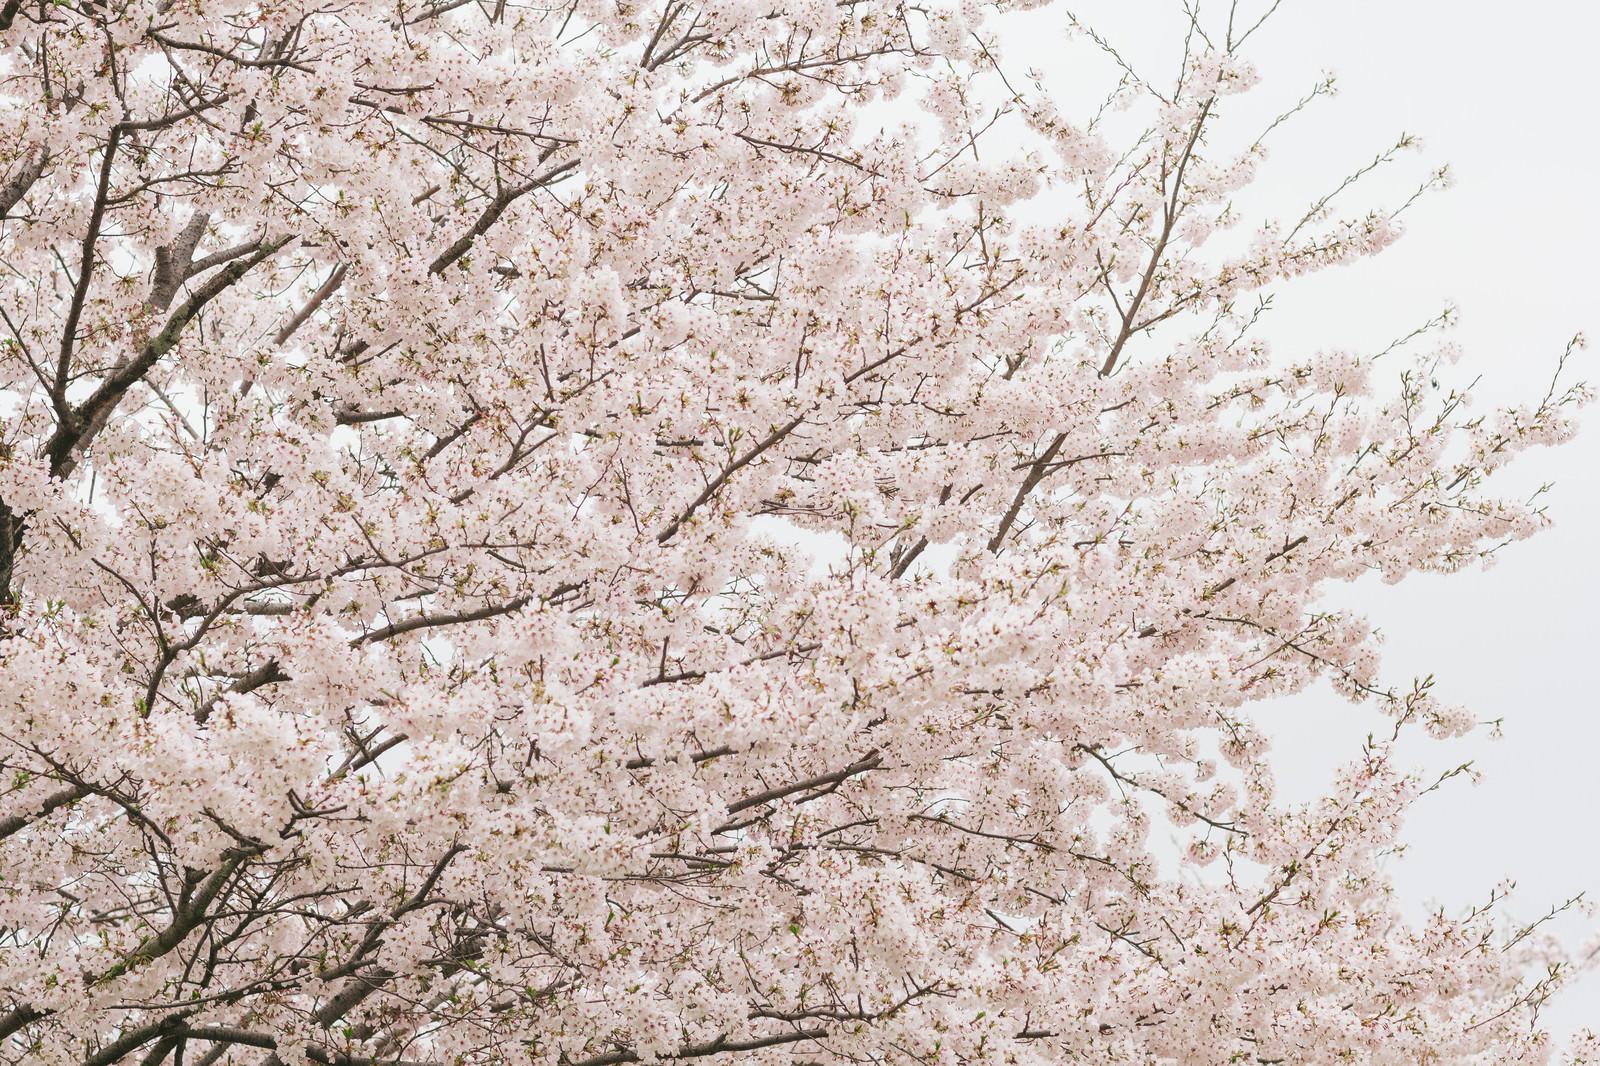 「曇り空と桜の花曇り空と桜の花」のフリー写真素材を拡大